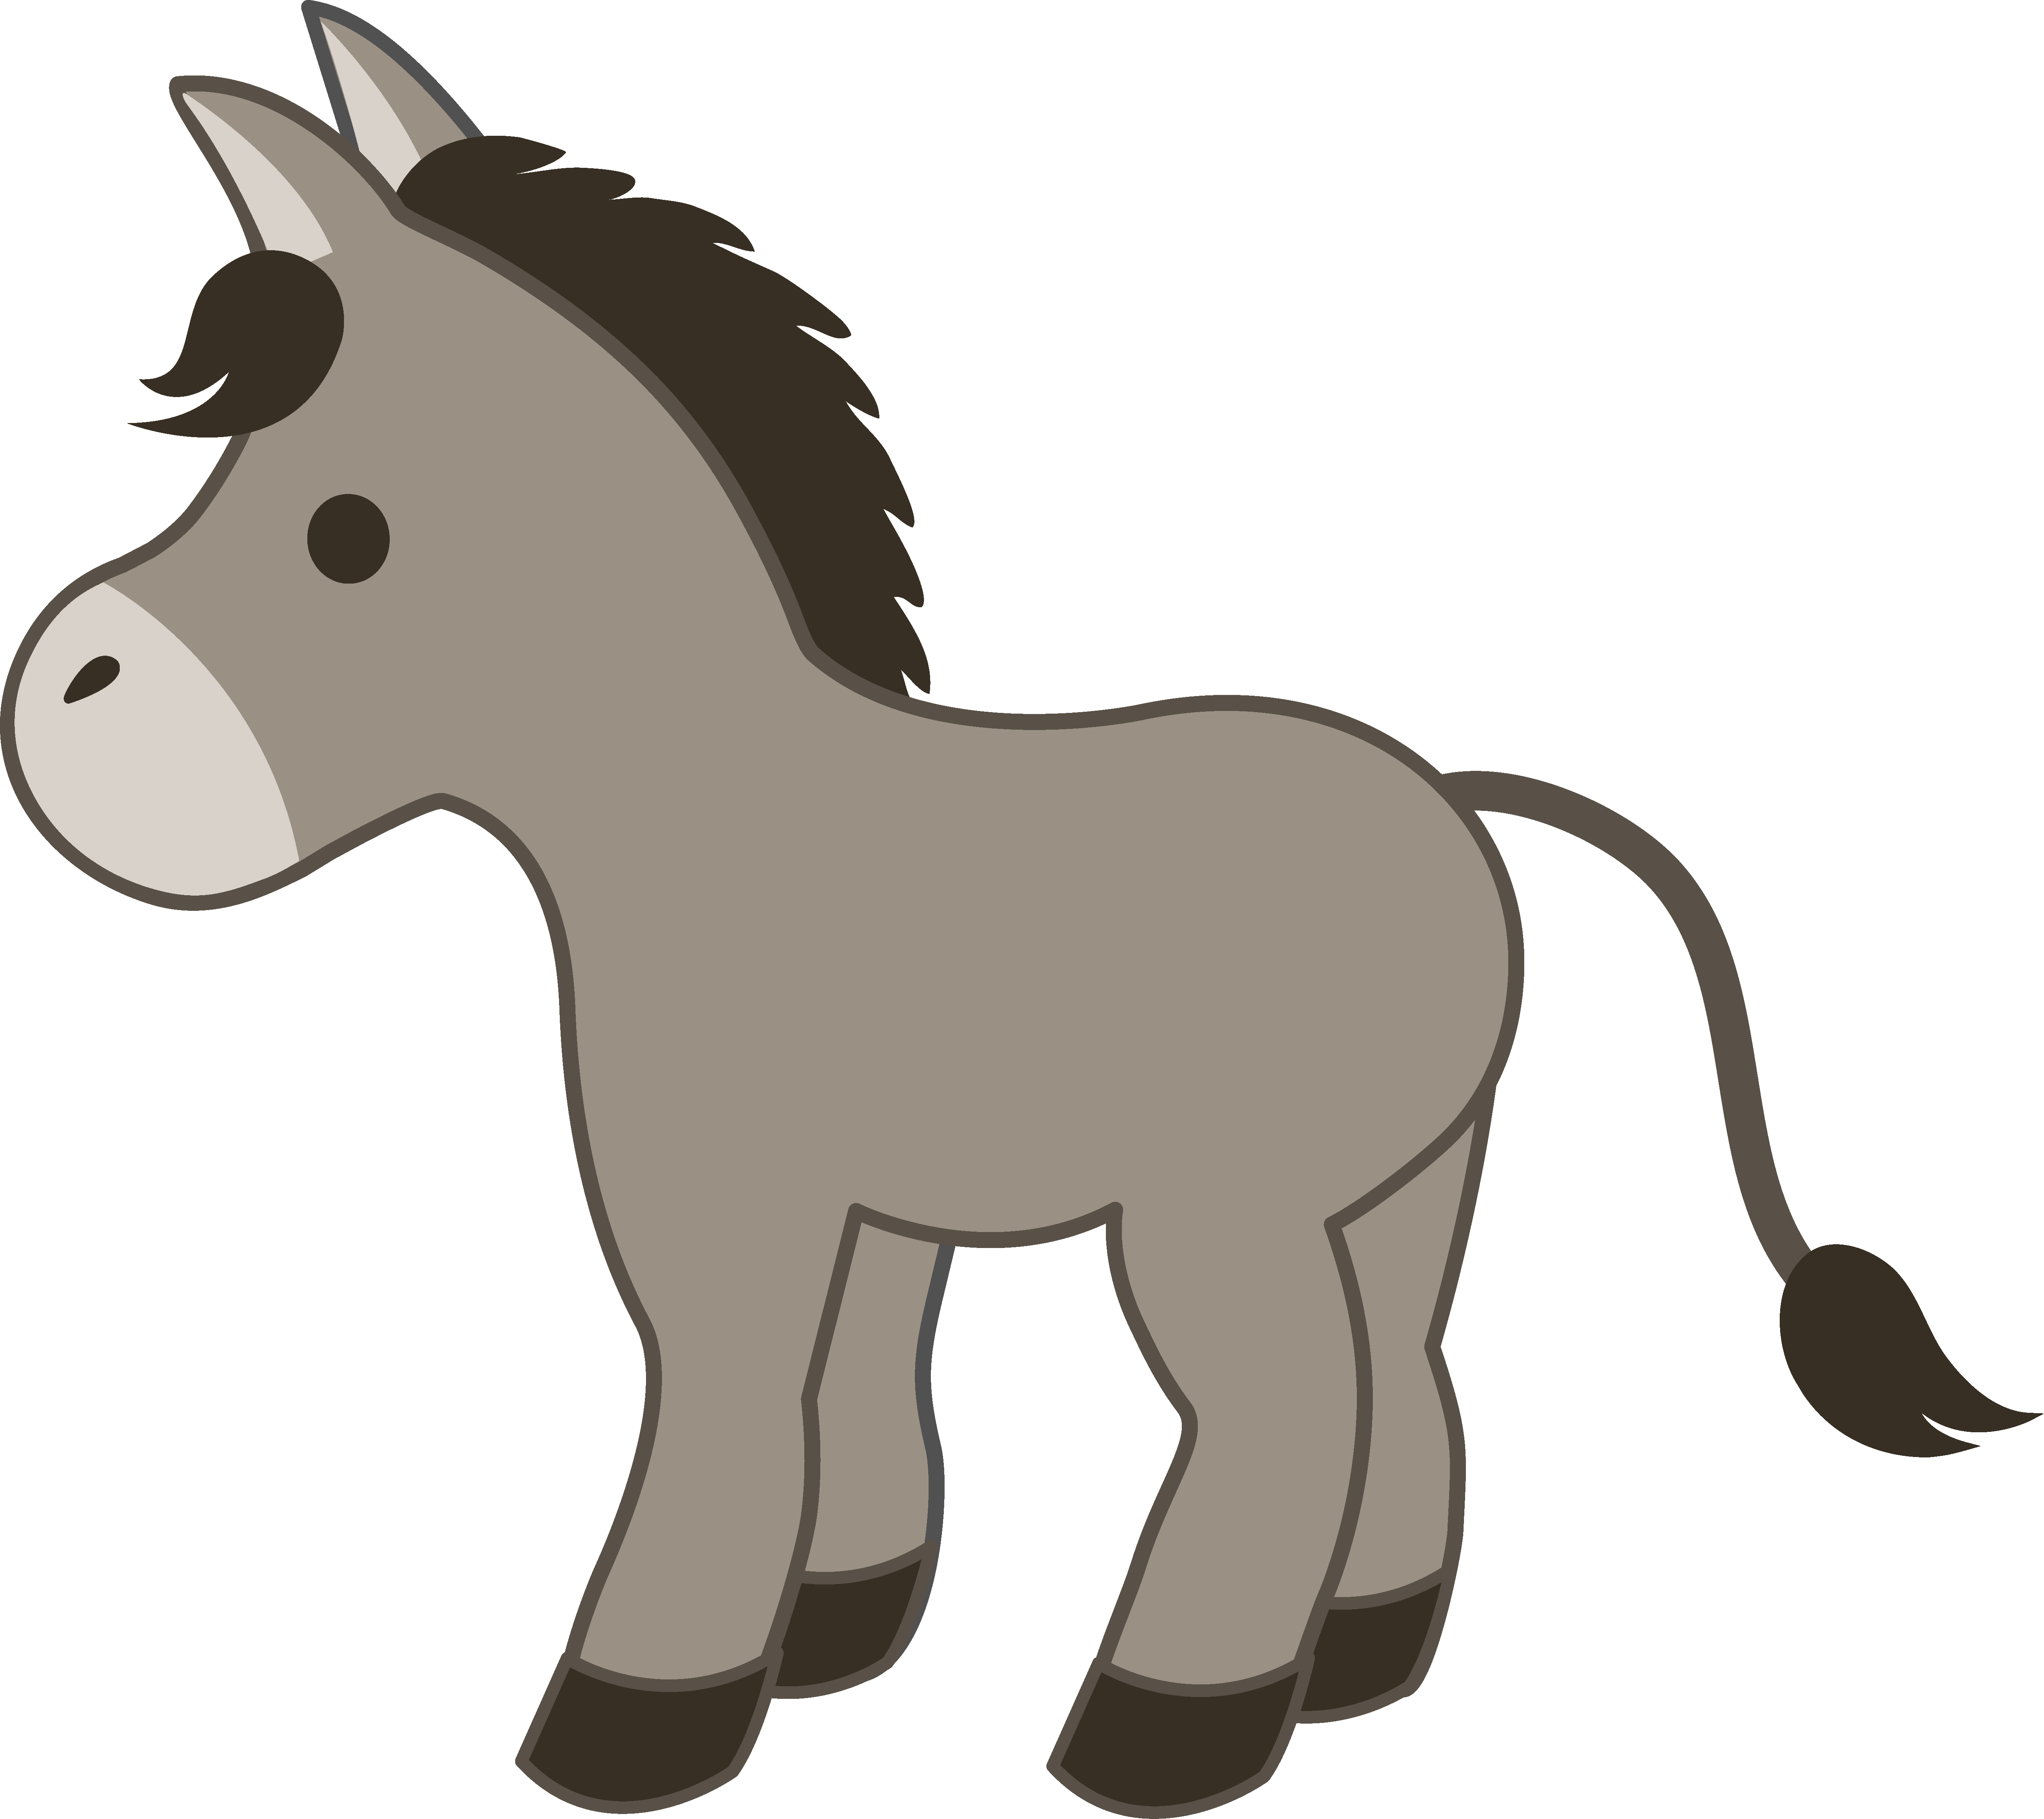 5360x4769 Cute Gray Donkey